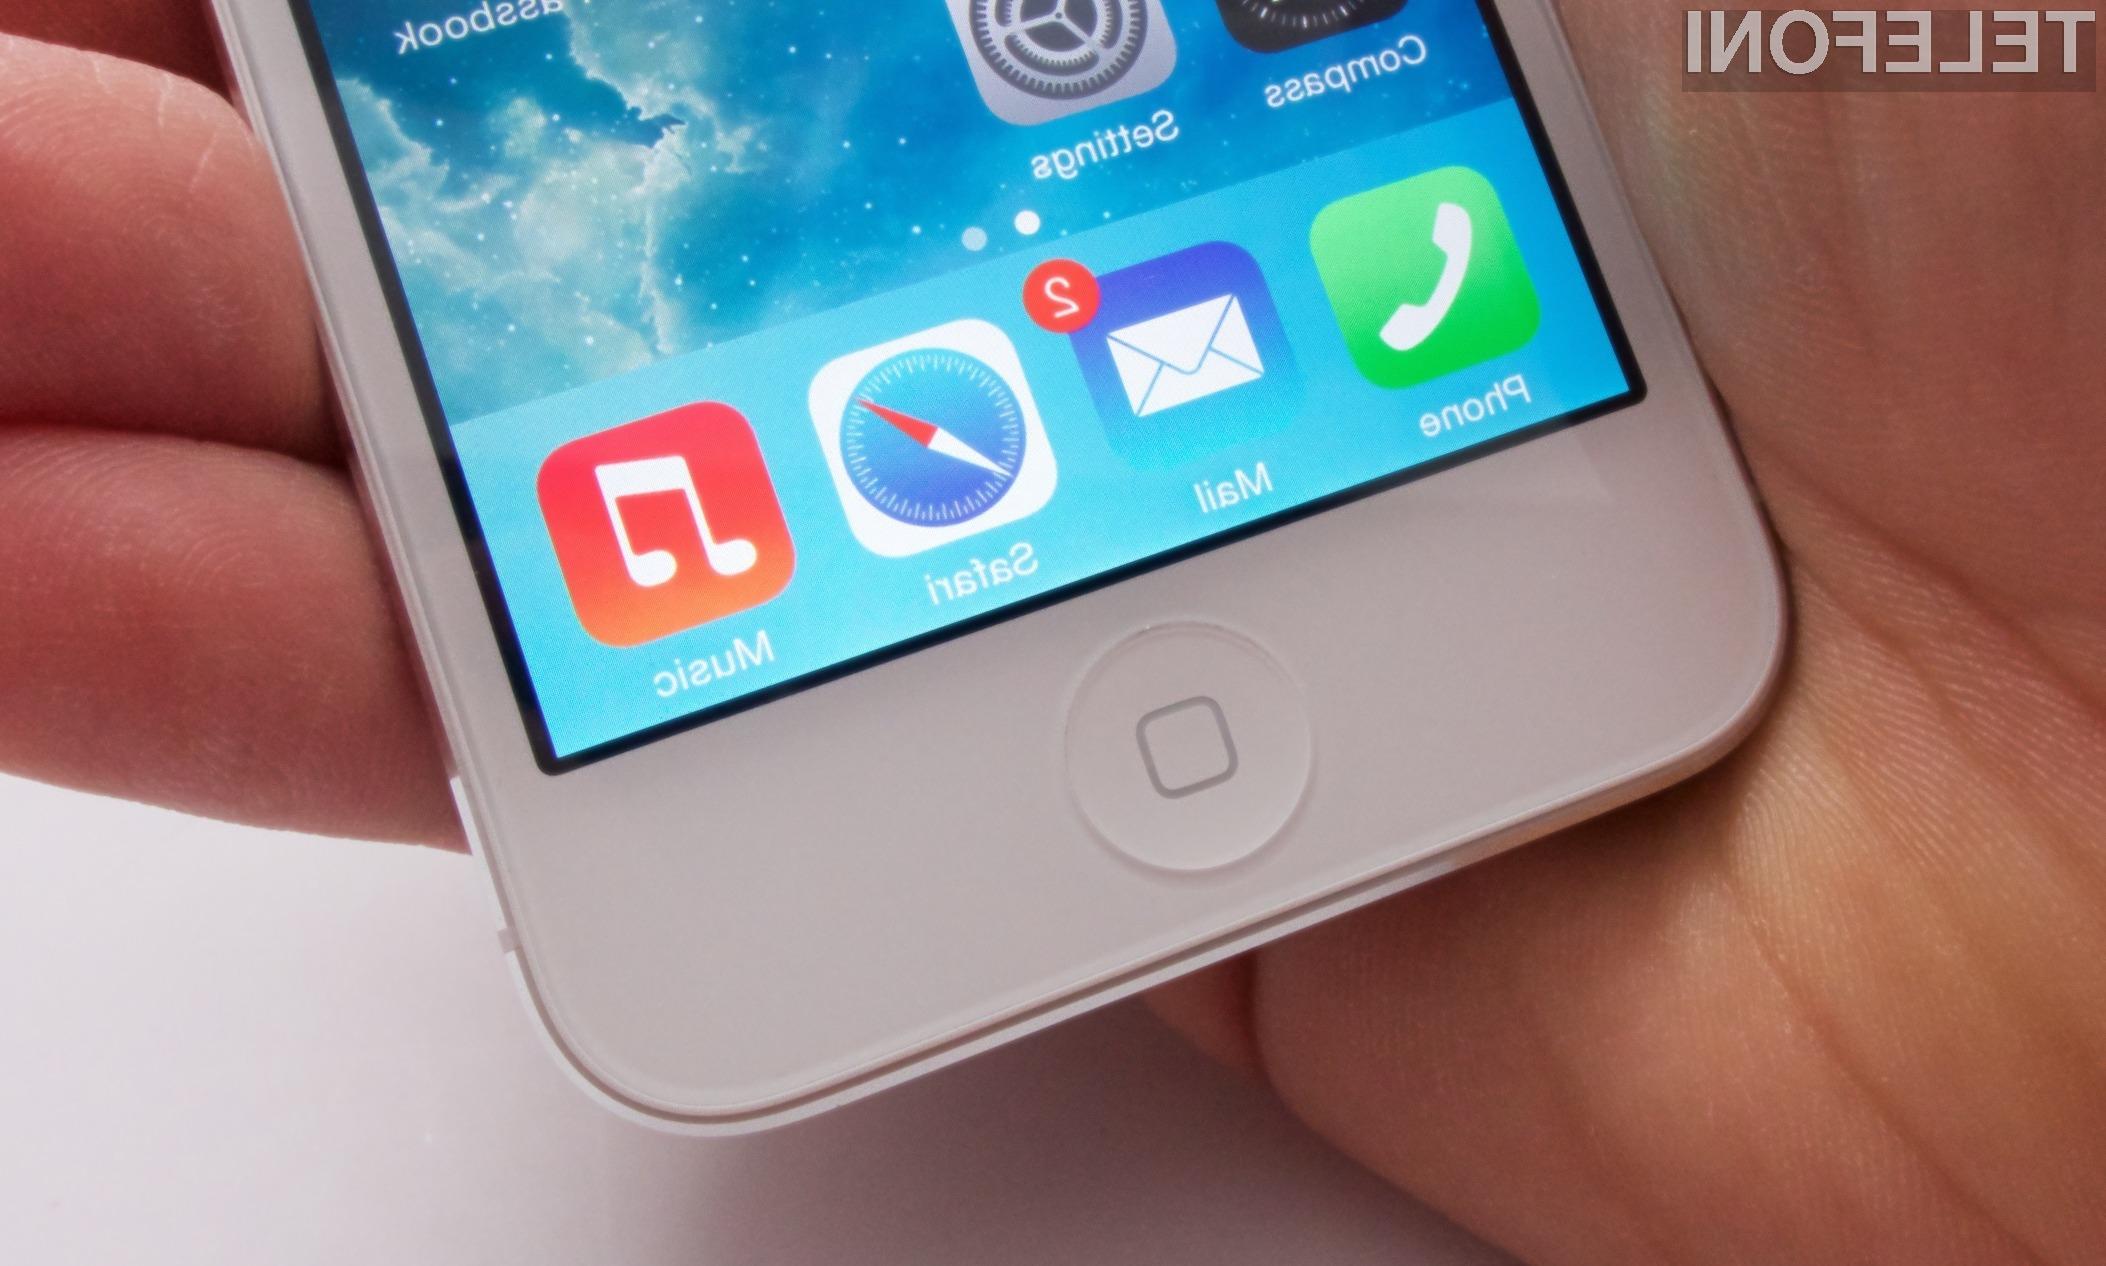 Mobilni operacijski sistem Apple iOS 8.4.1 prinaša majhne, a pomembne izboljšave!